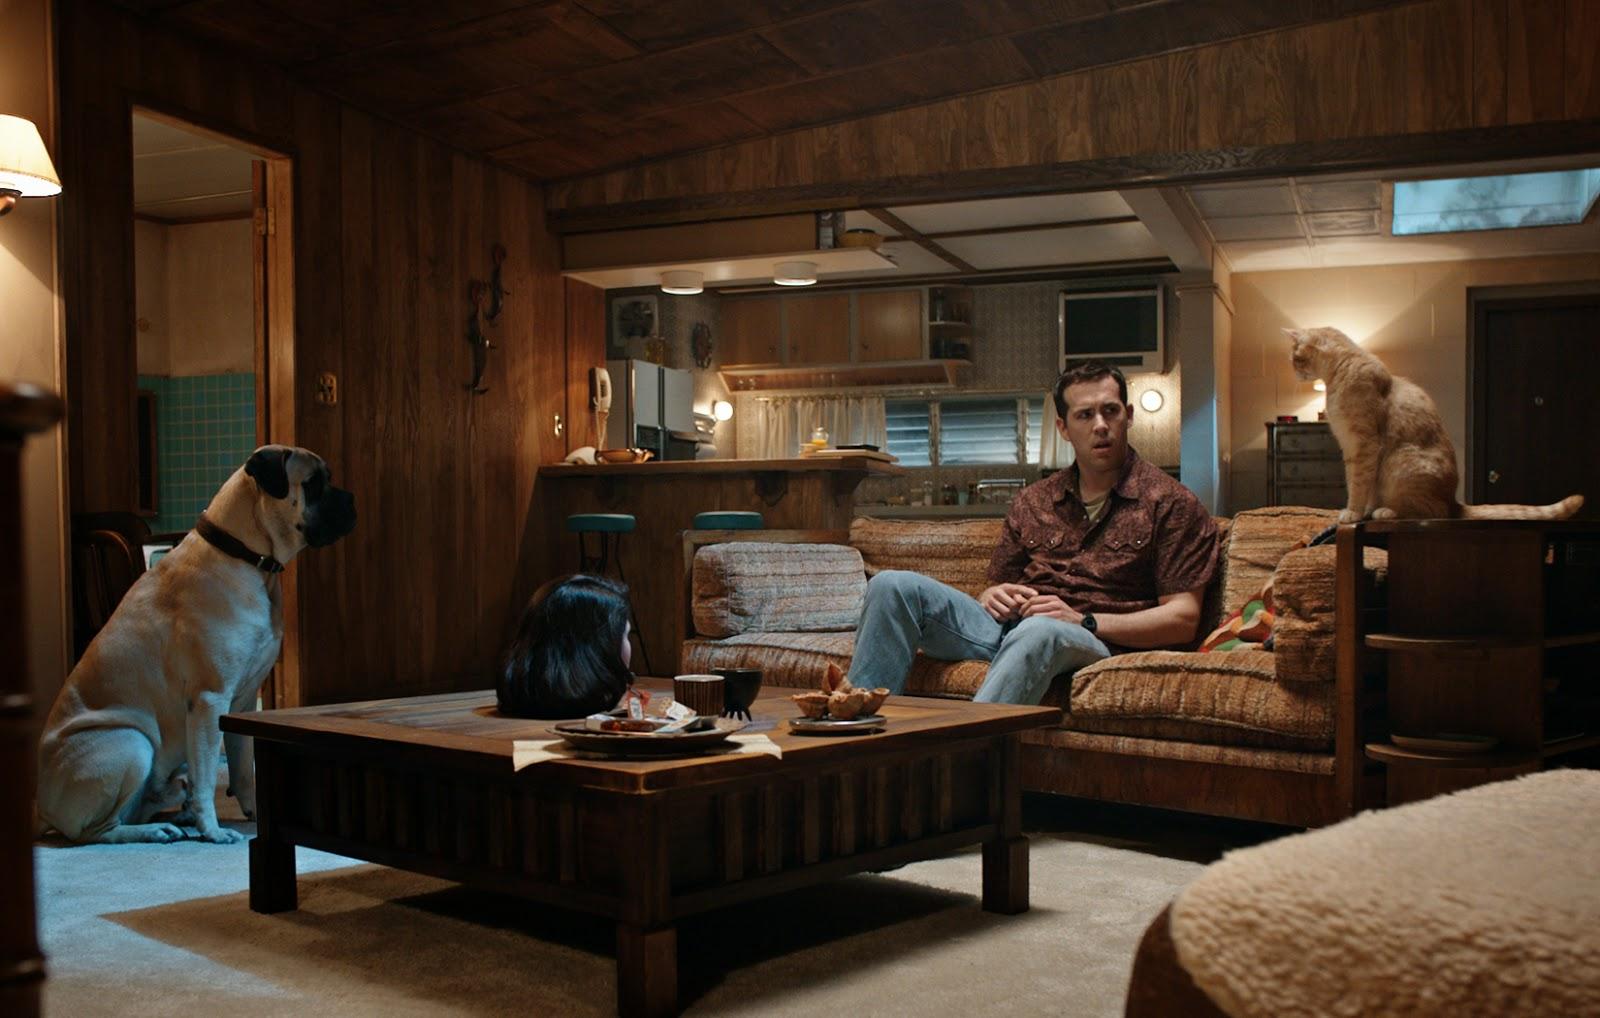 Ryan Reynolds entouré de son chien et de son chat dans The voices, de Marjane Satrapi (2015)